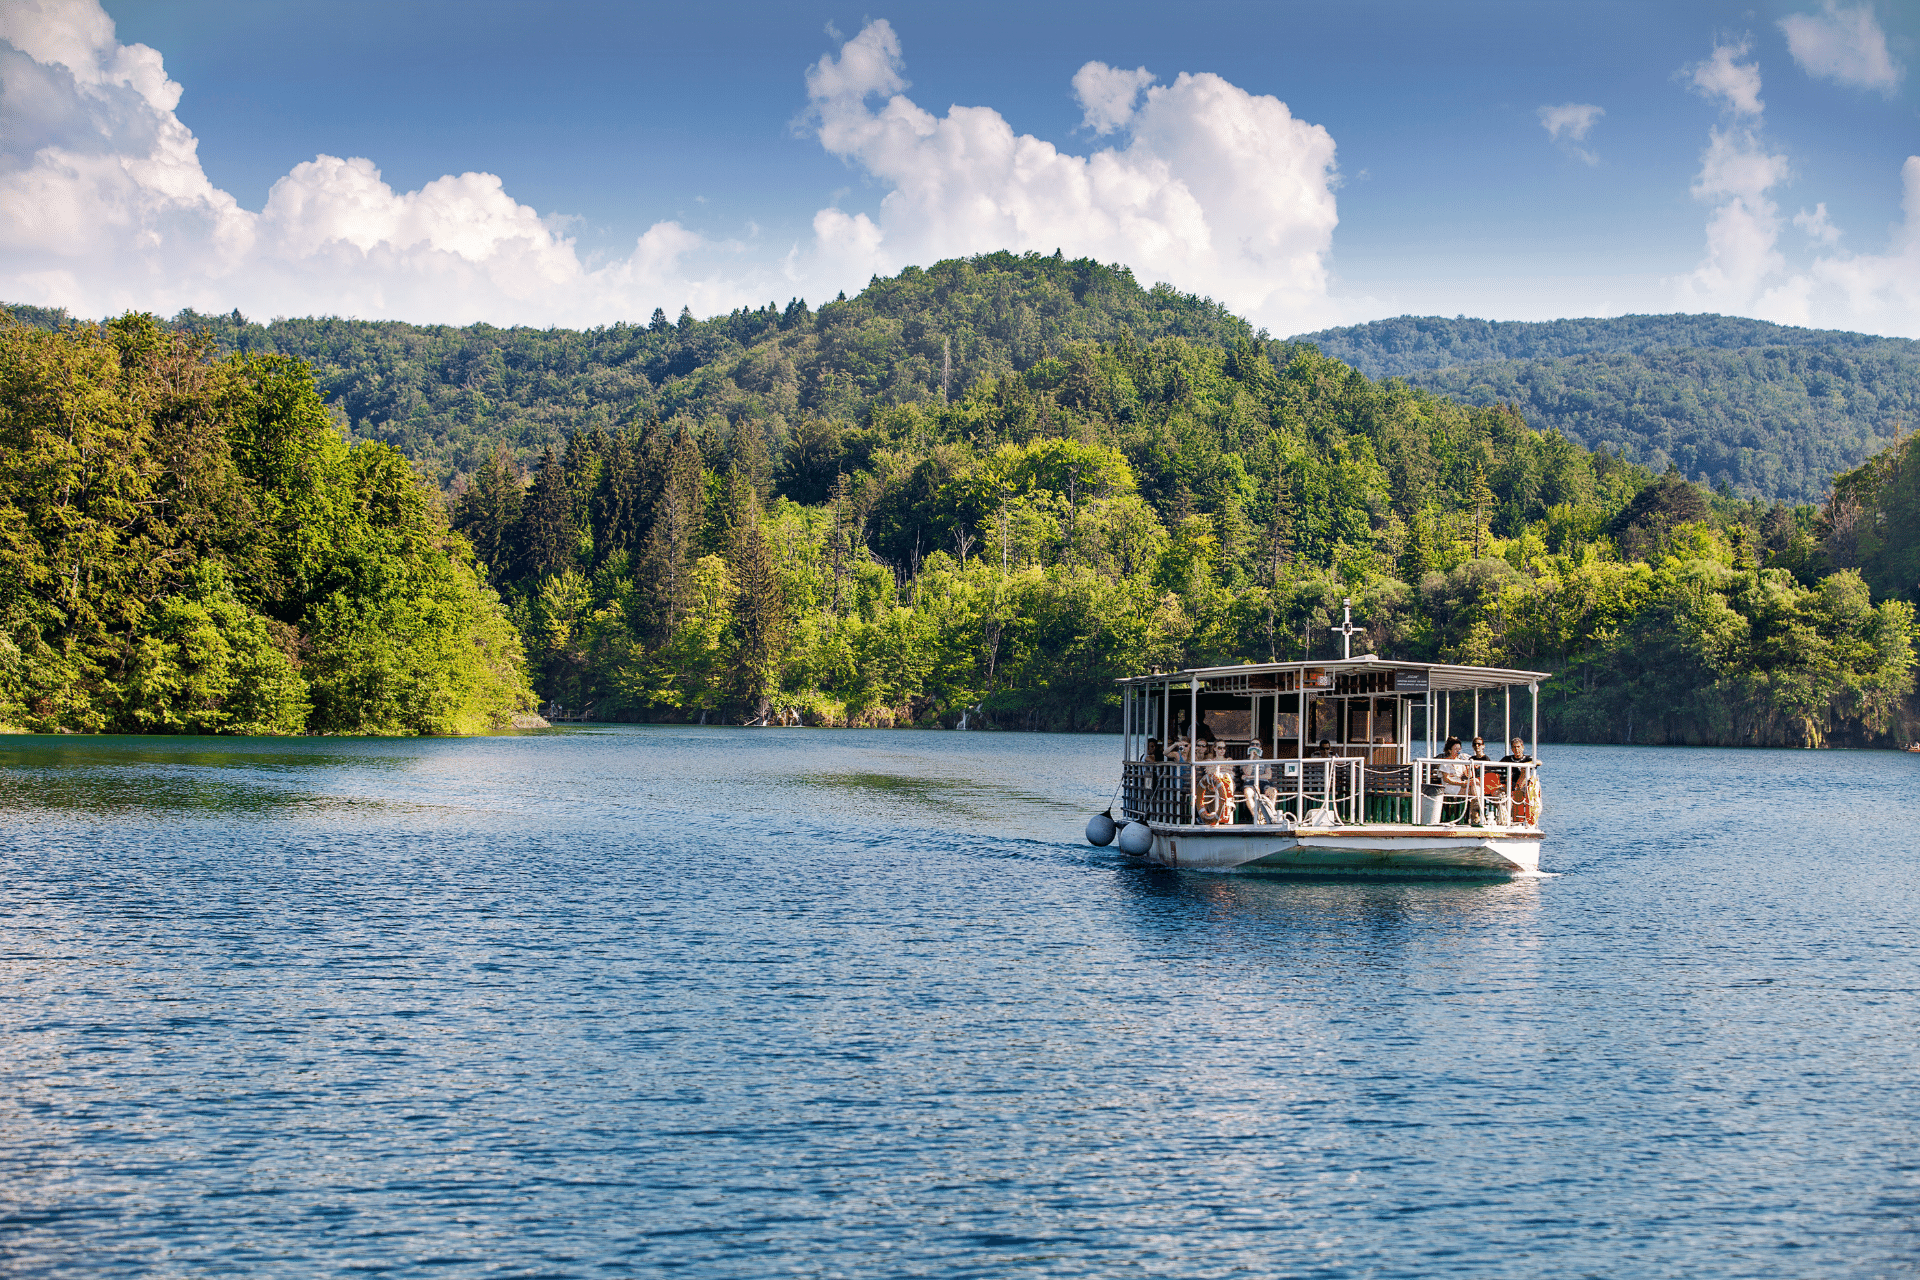 voznja brodom preko jezera kozjak